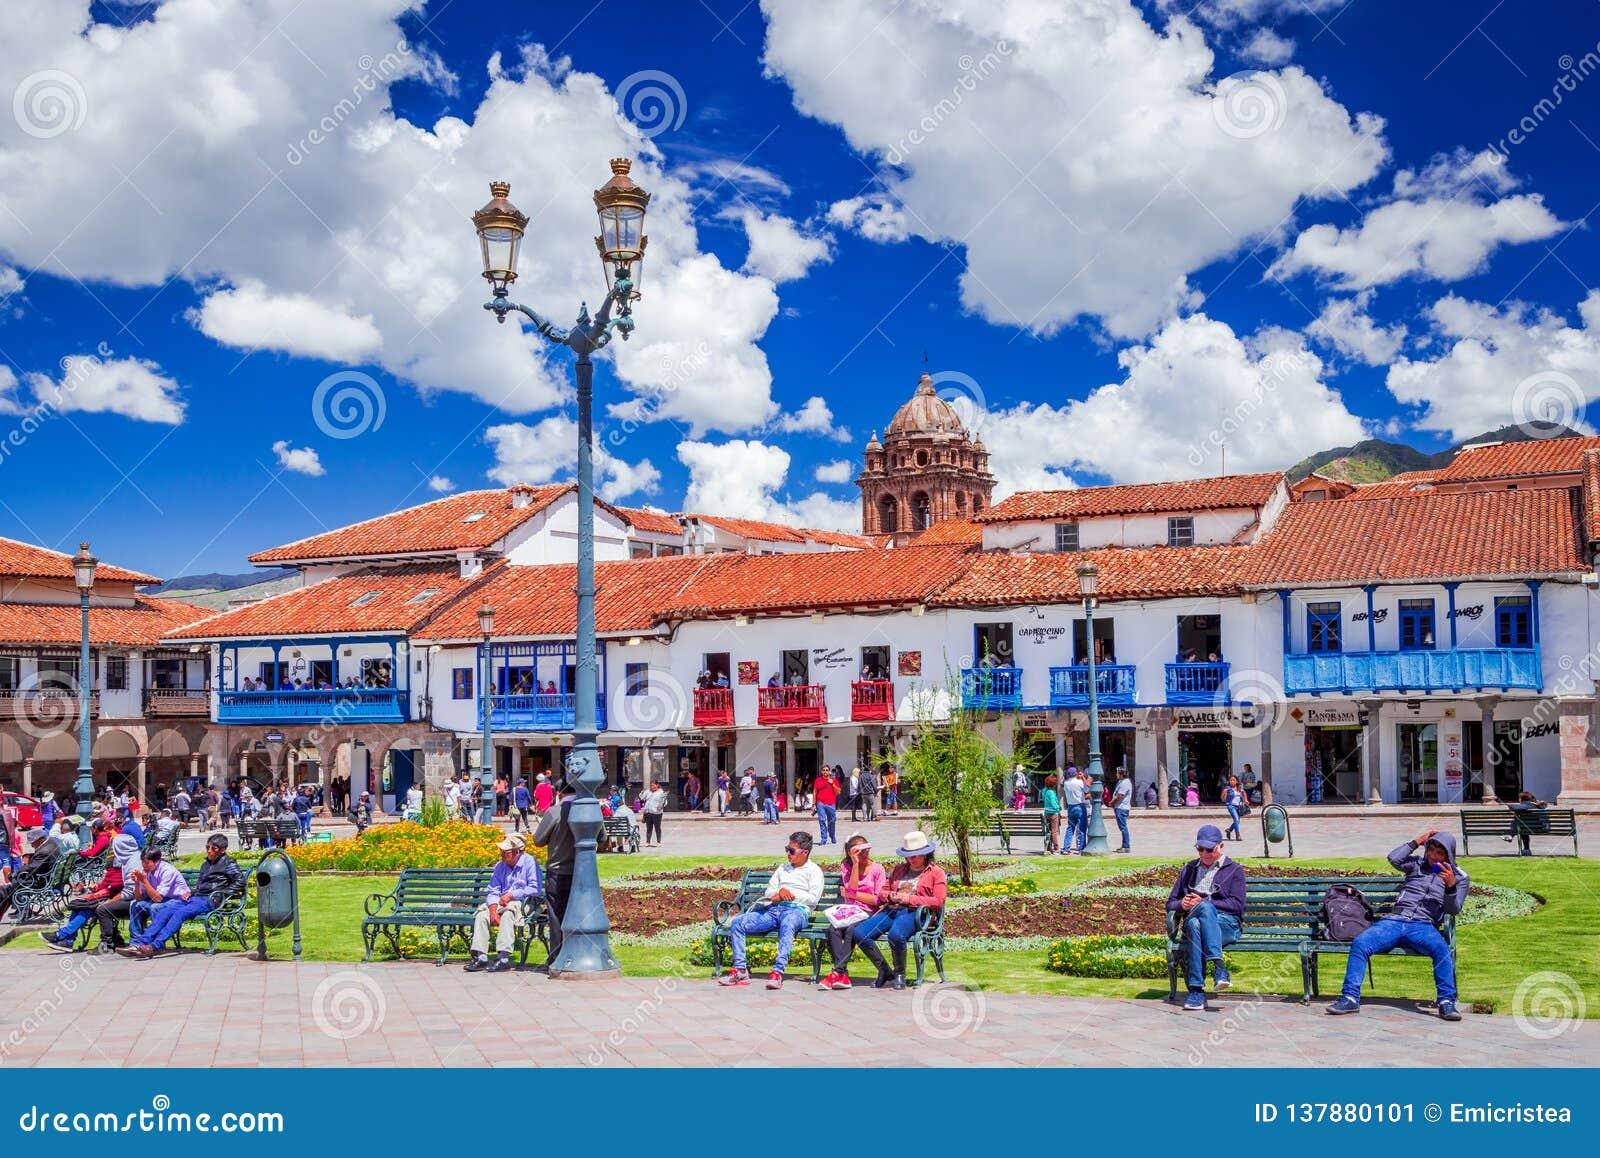 Cusco Peru - Plaza de Armas